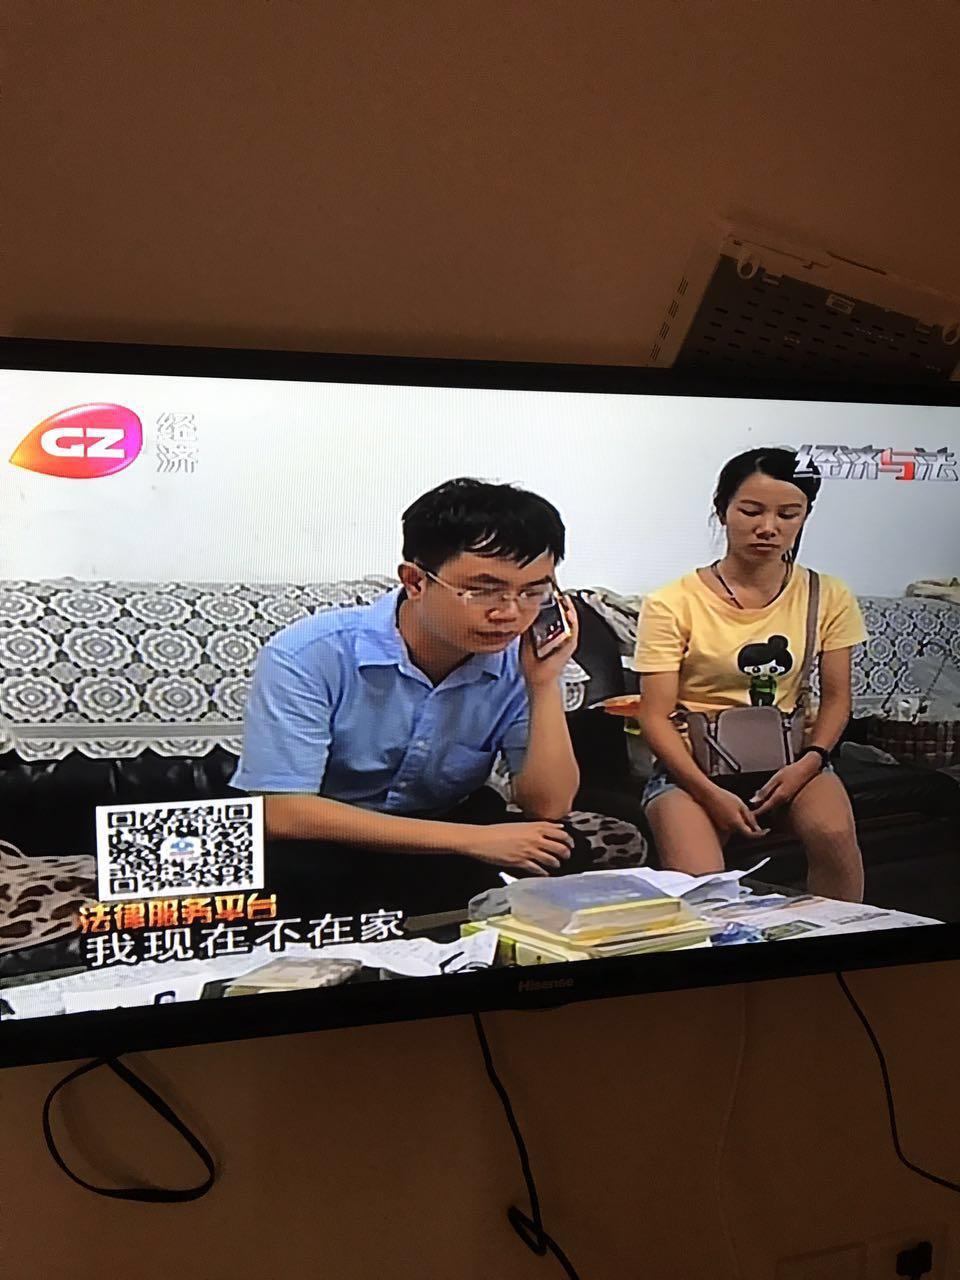 马俊哲律师在电视中的画面